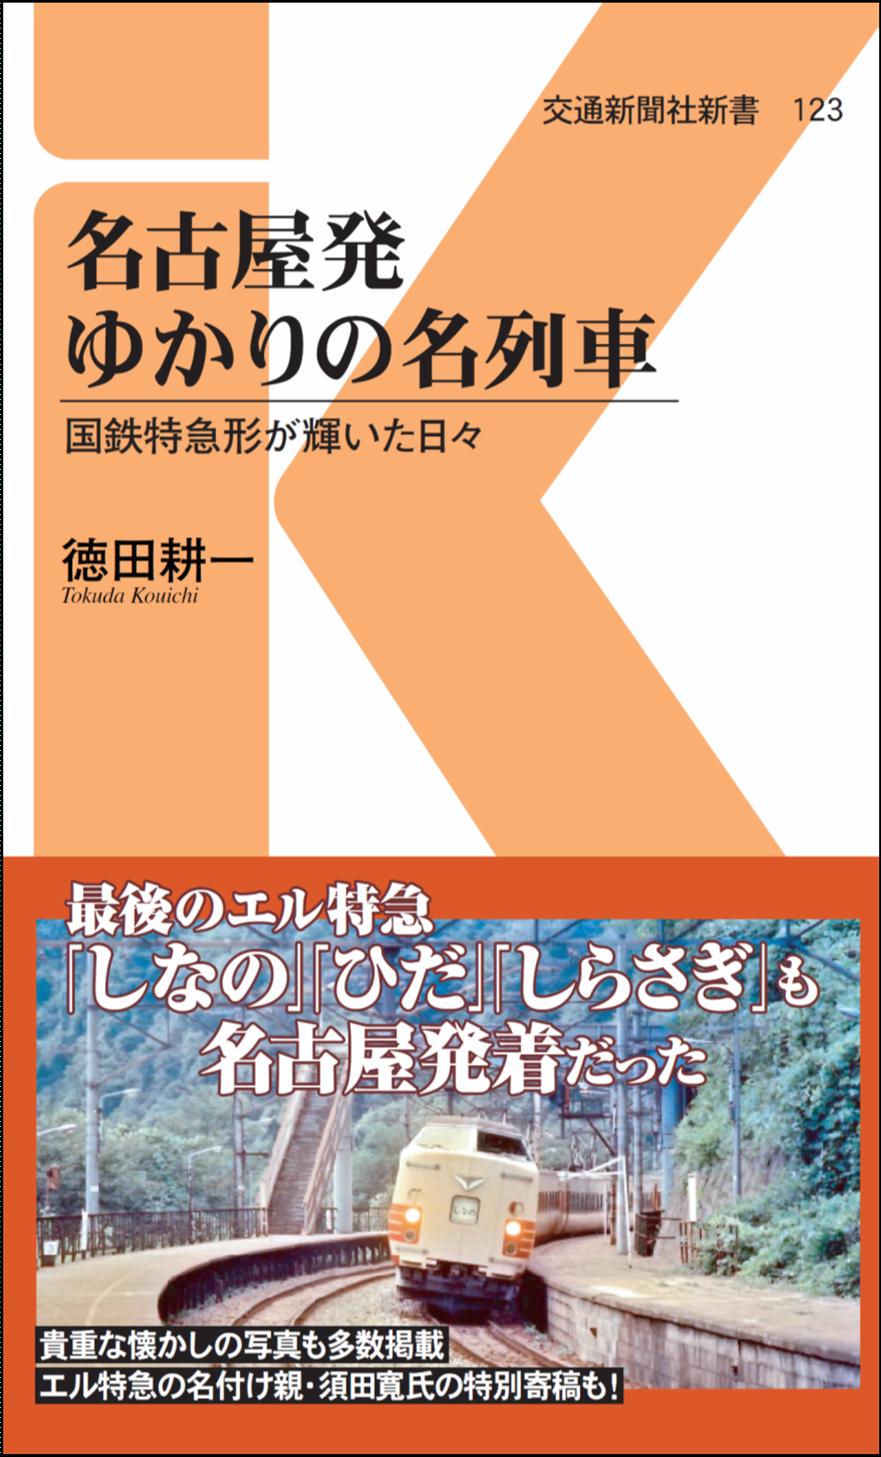 徳田耕一さん 「名古屋発ゆかりの名列車」発売記念 トークショー&サイン会